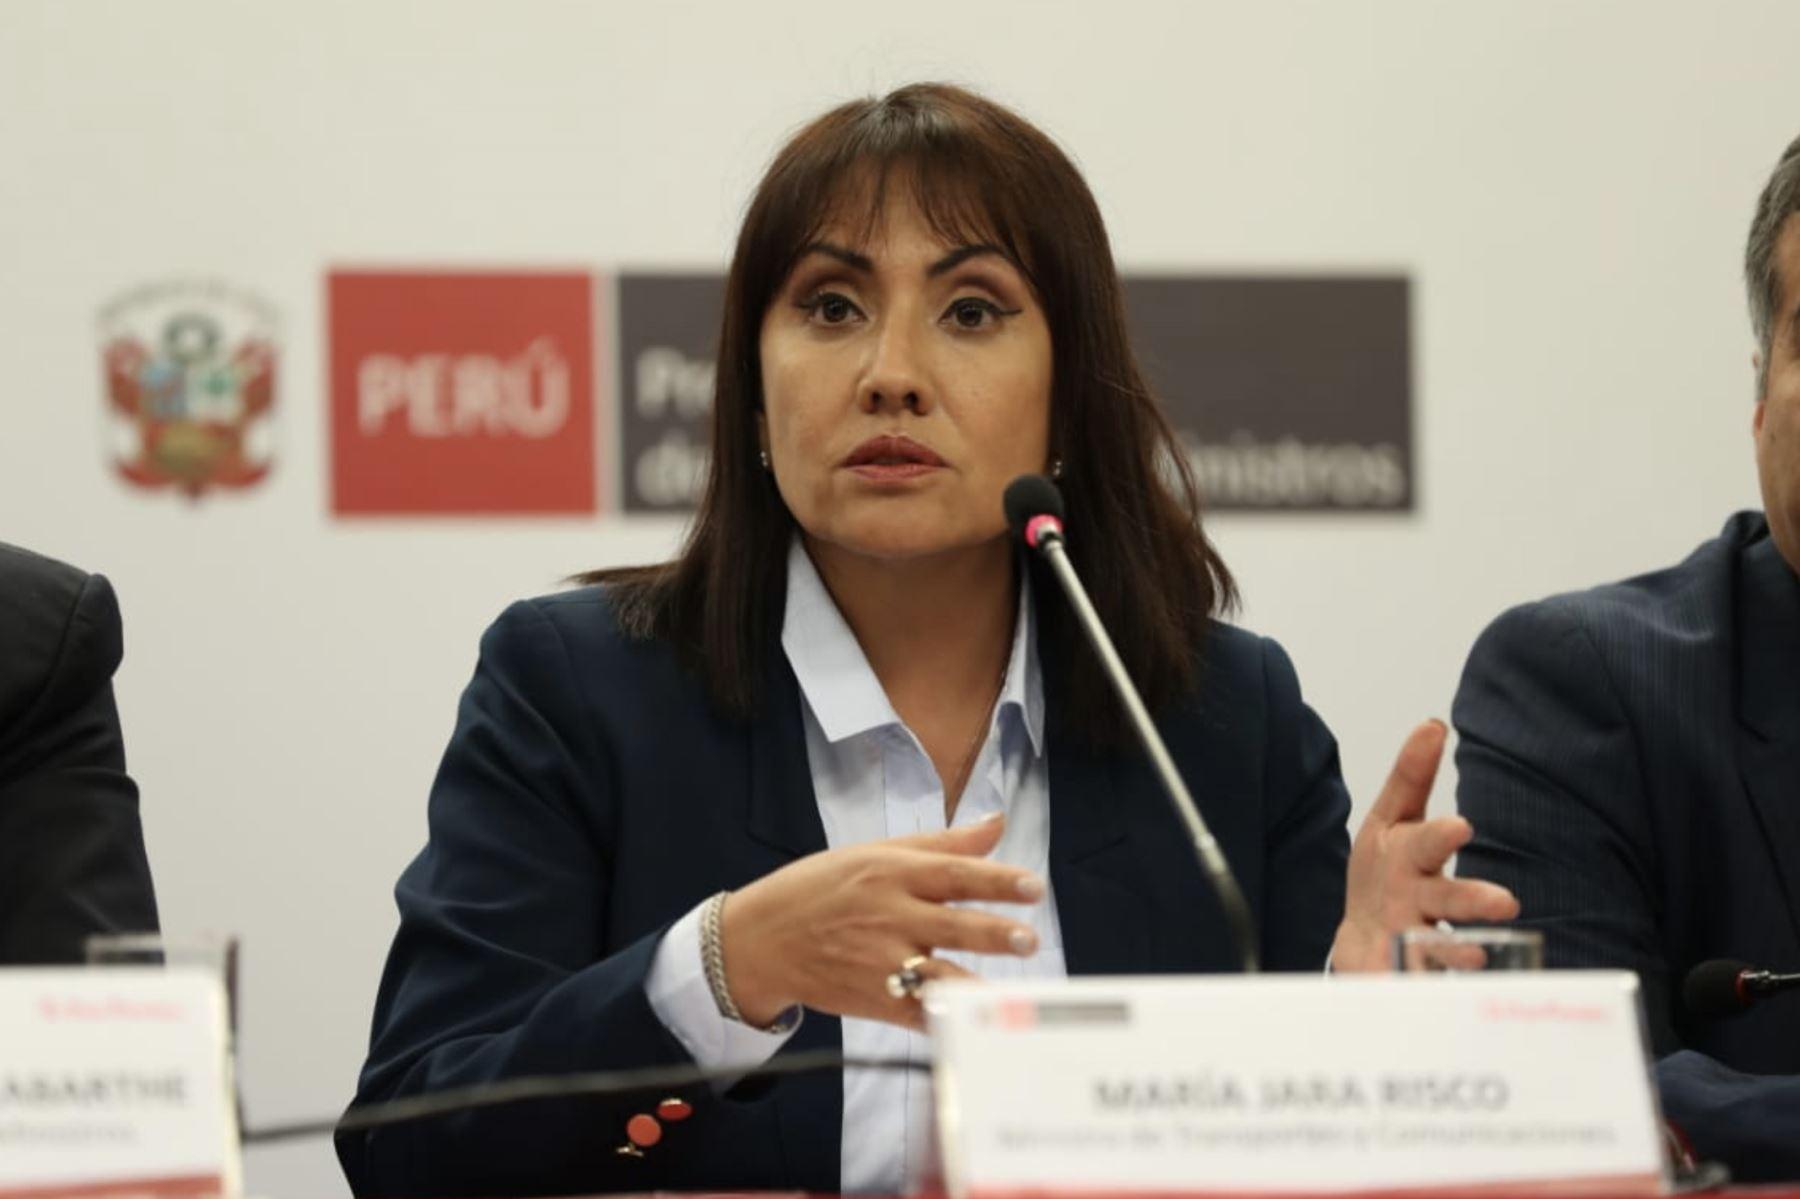 Ministra de Transporte, María Jara partcipa en conferencia junto al  primer Ministro Del Solar.  Foto: ANDINA/PCM